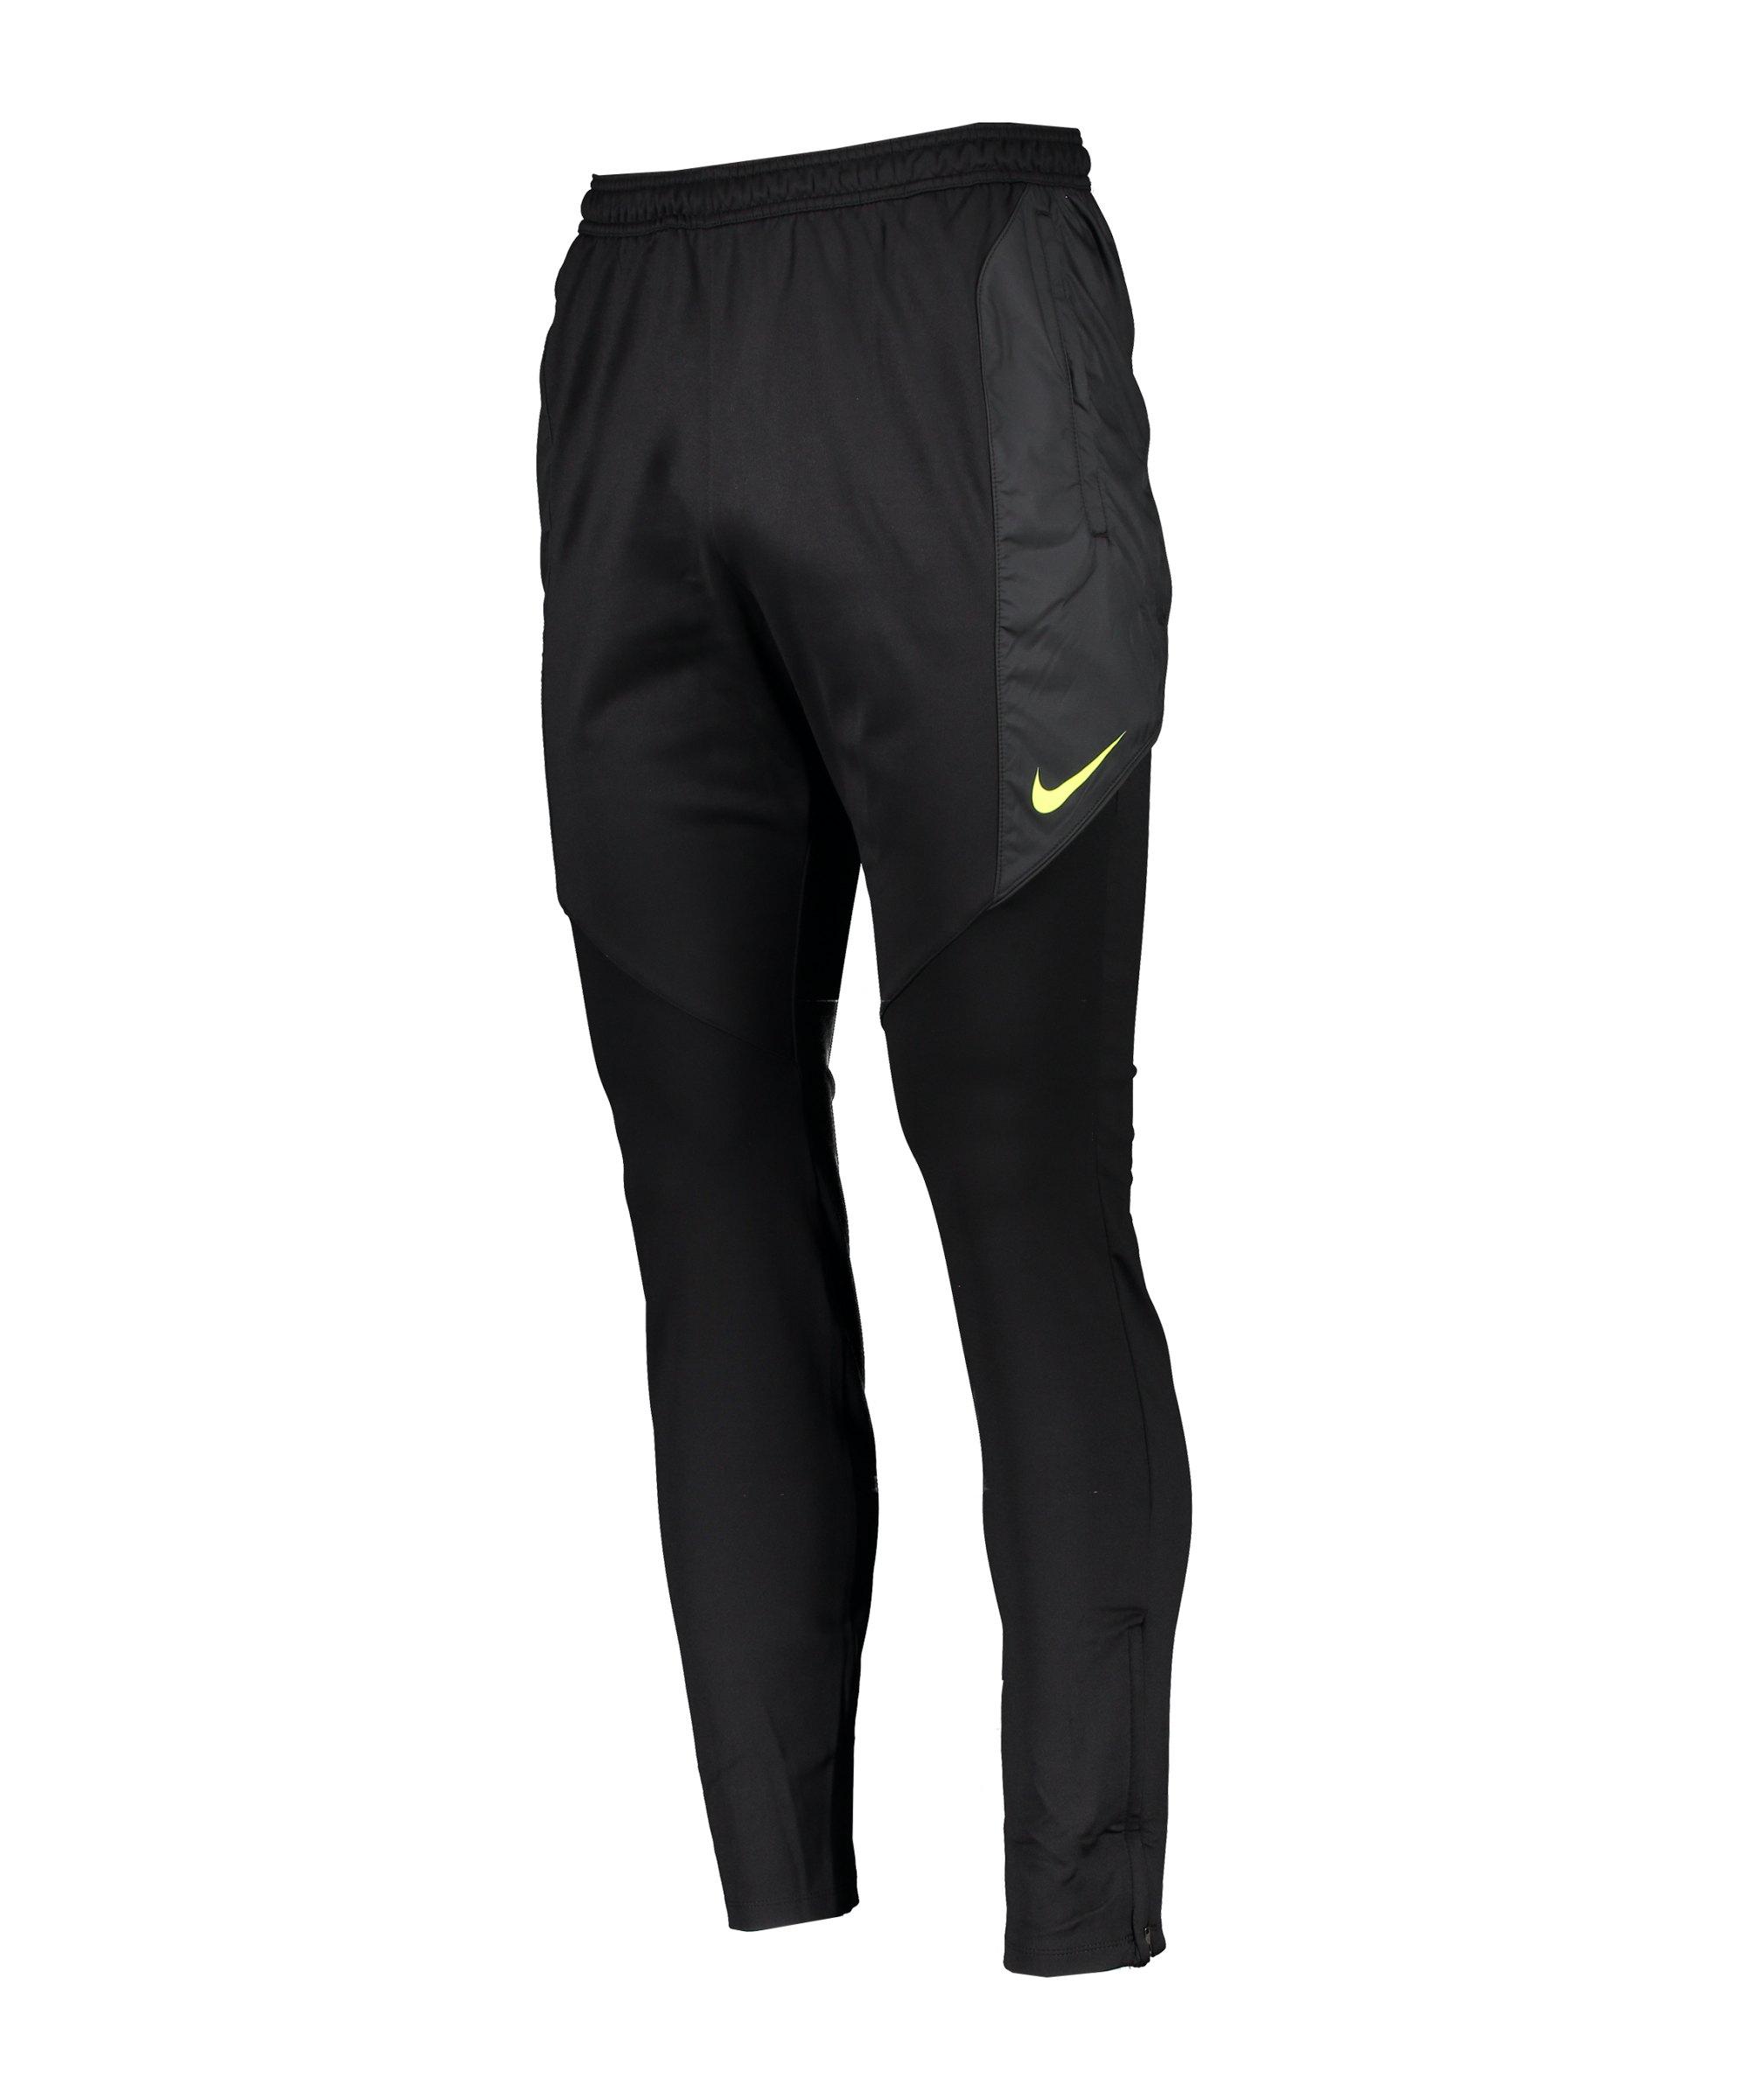 Nike Dry Strike Trainingshose Schwarz F010 - schwarz